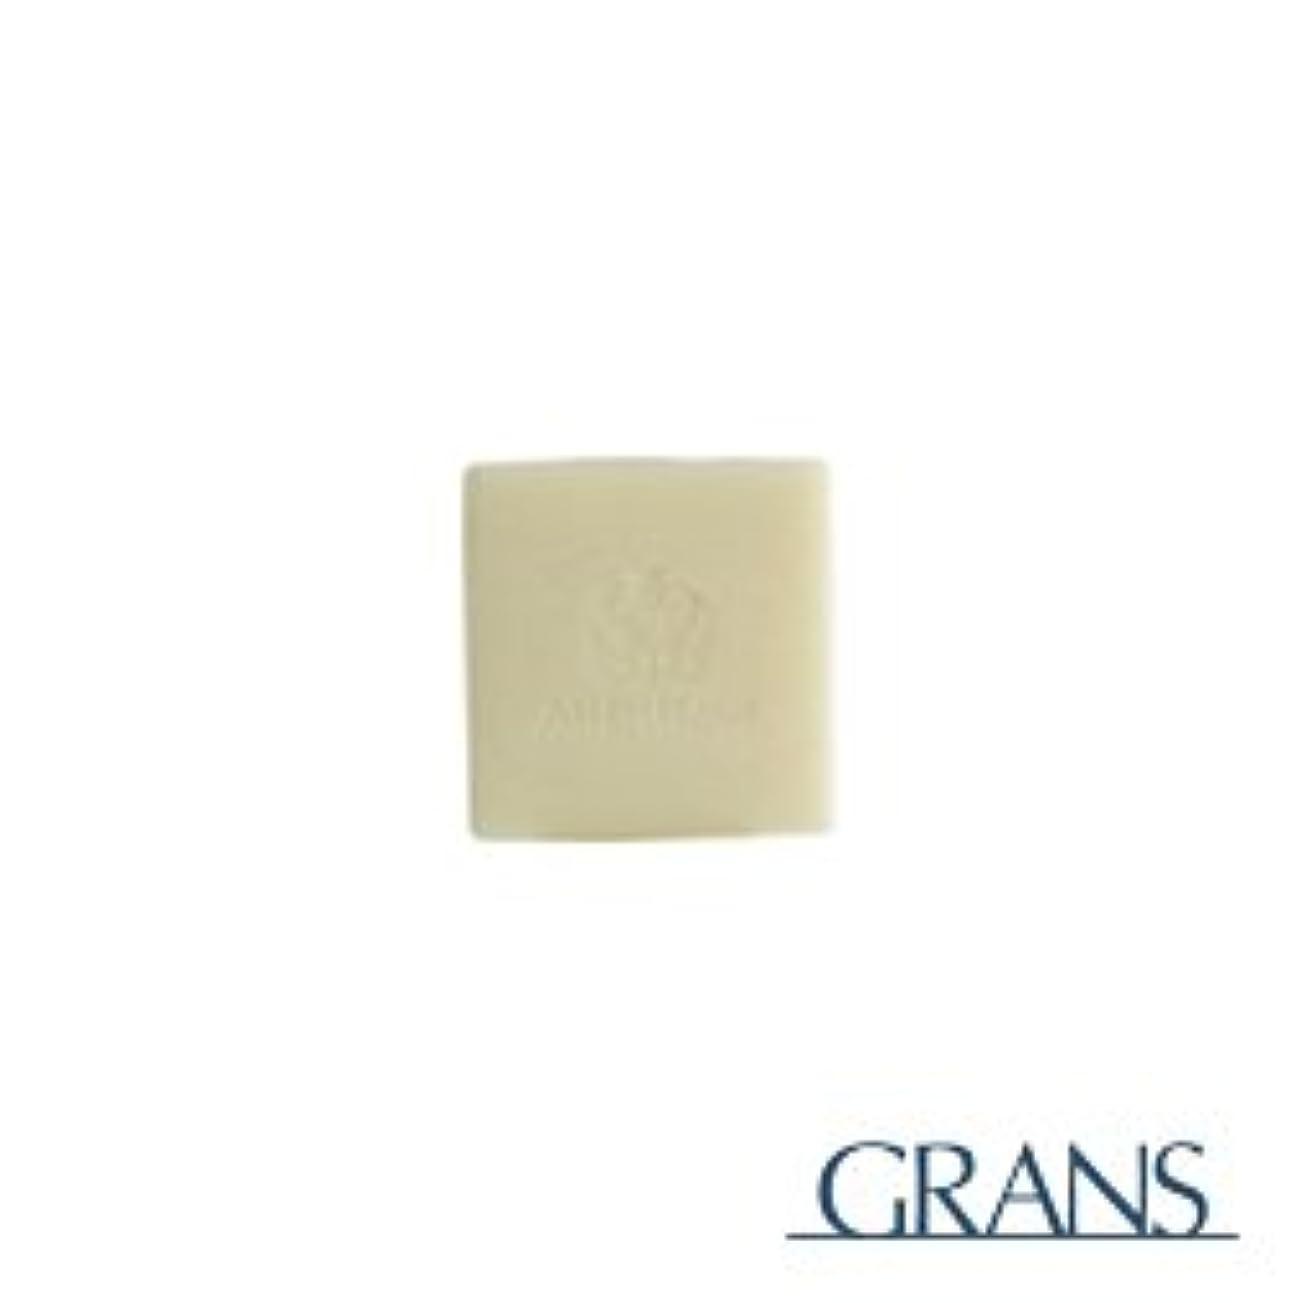 神経豊富に公ナリス化粧品 アッサンブラージュ ローズマリアージュエクストラフィールソープRM 120g